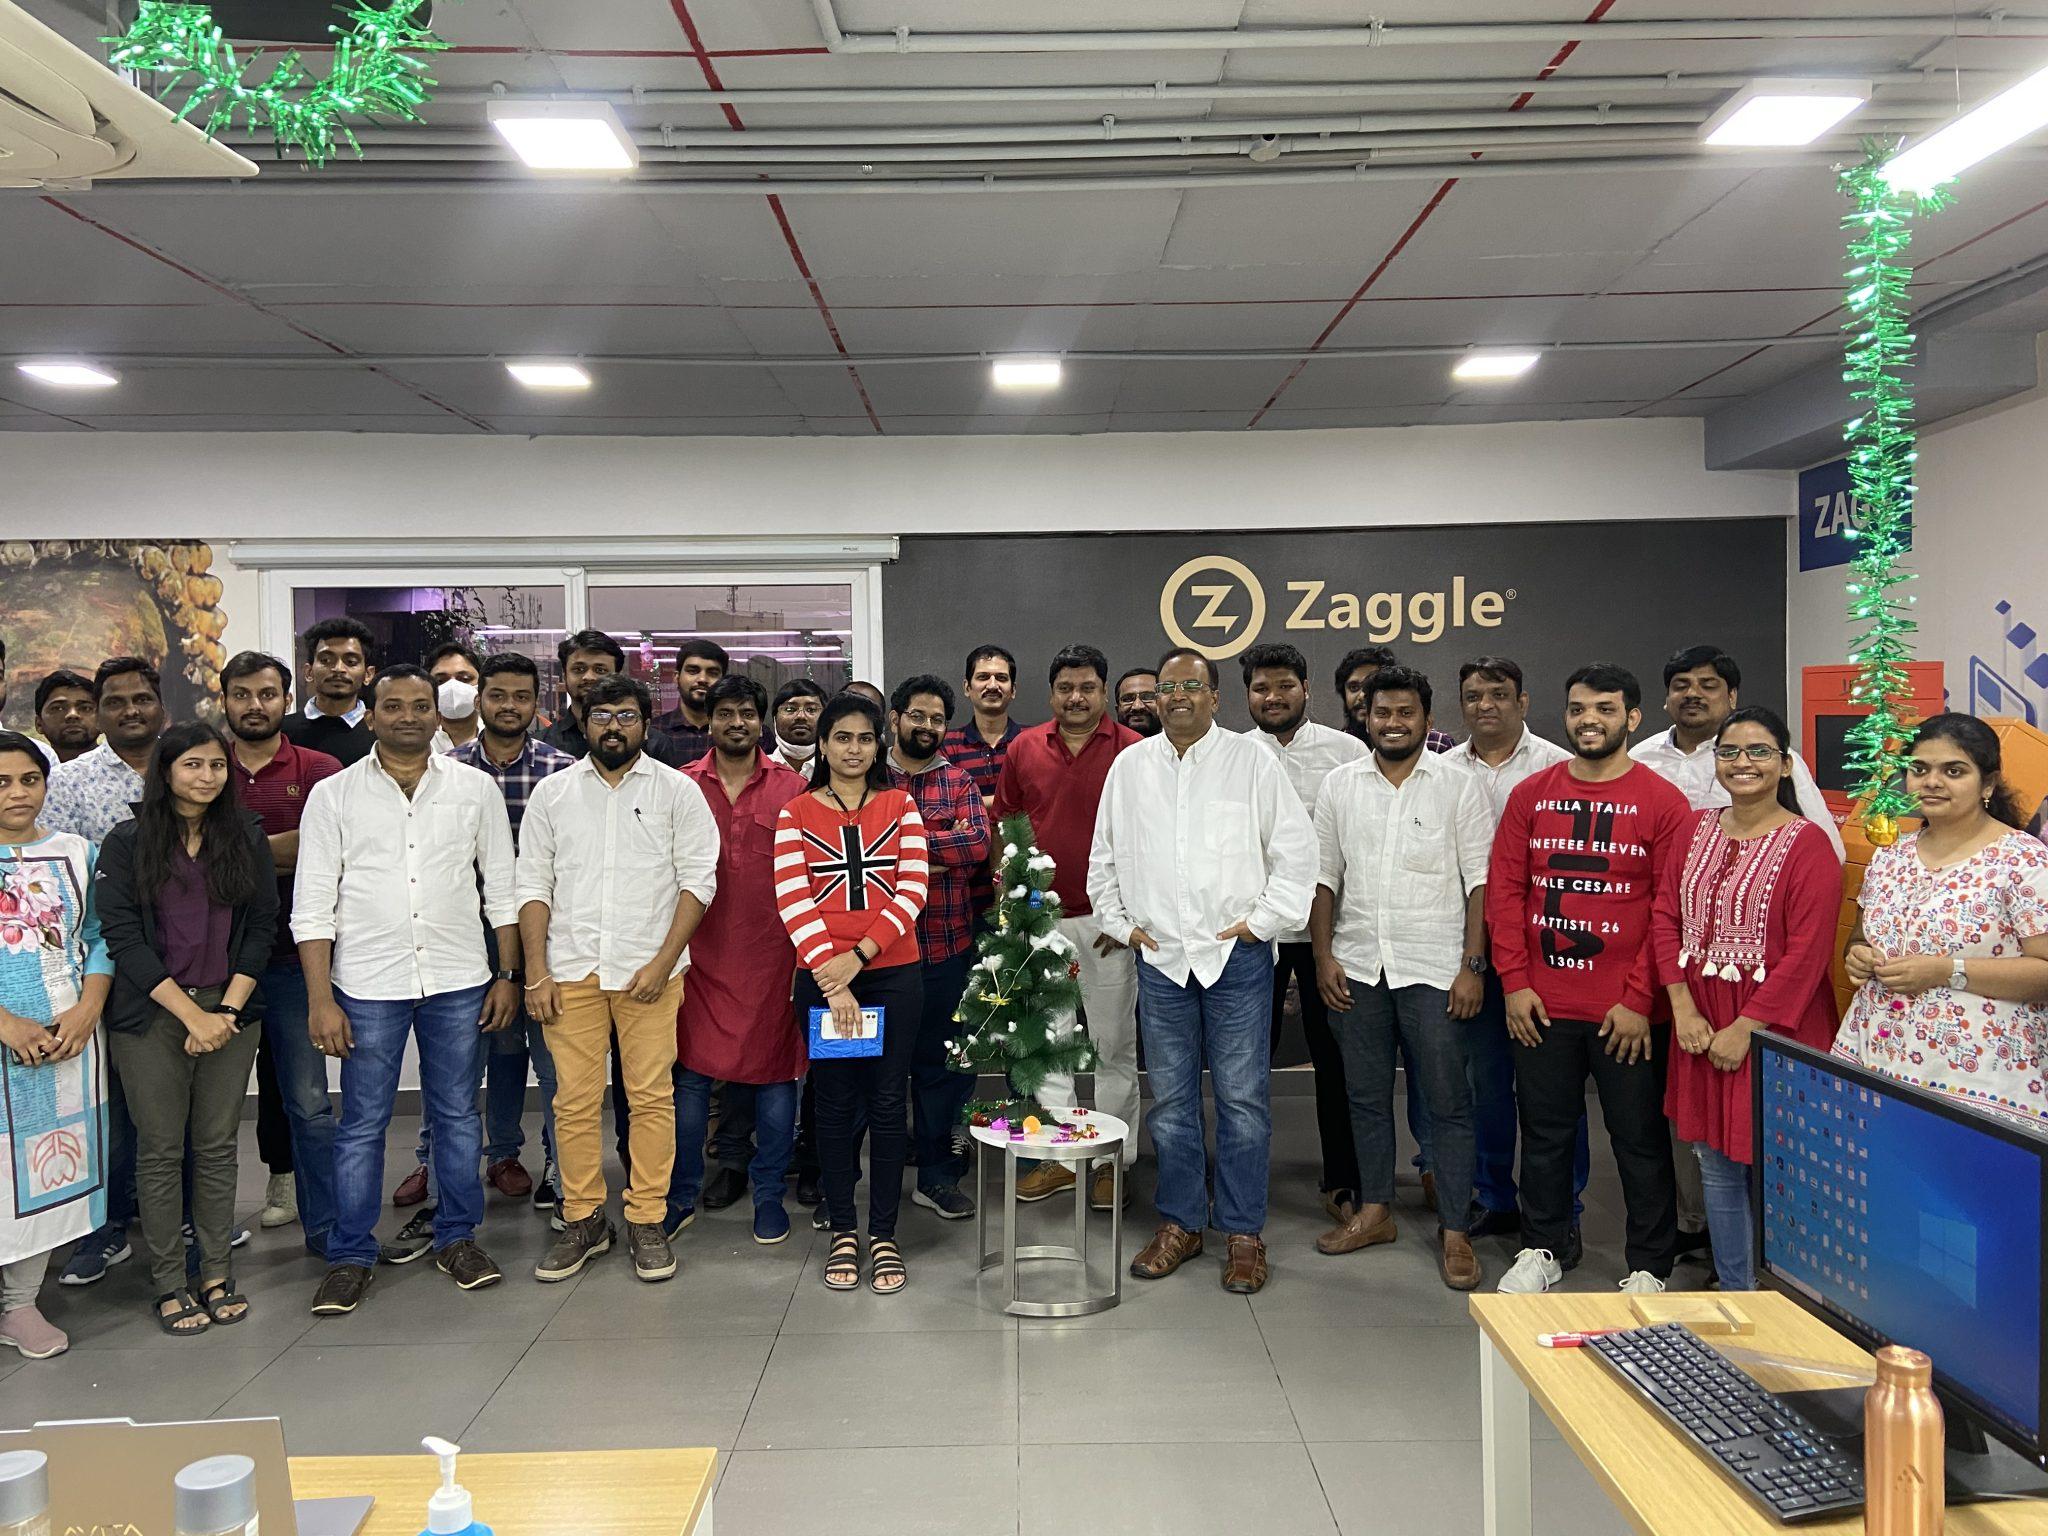 Zaggle team